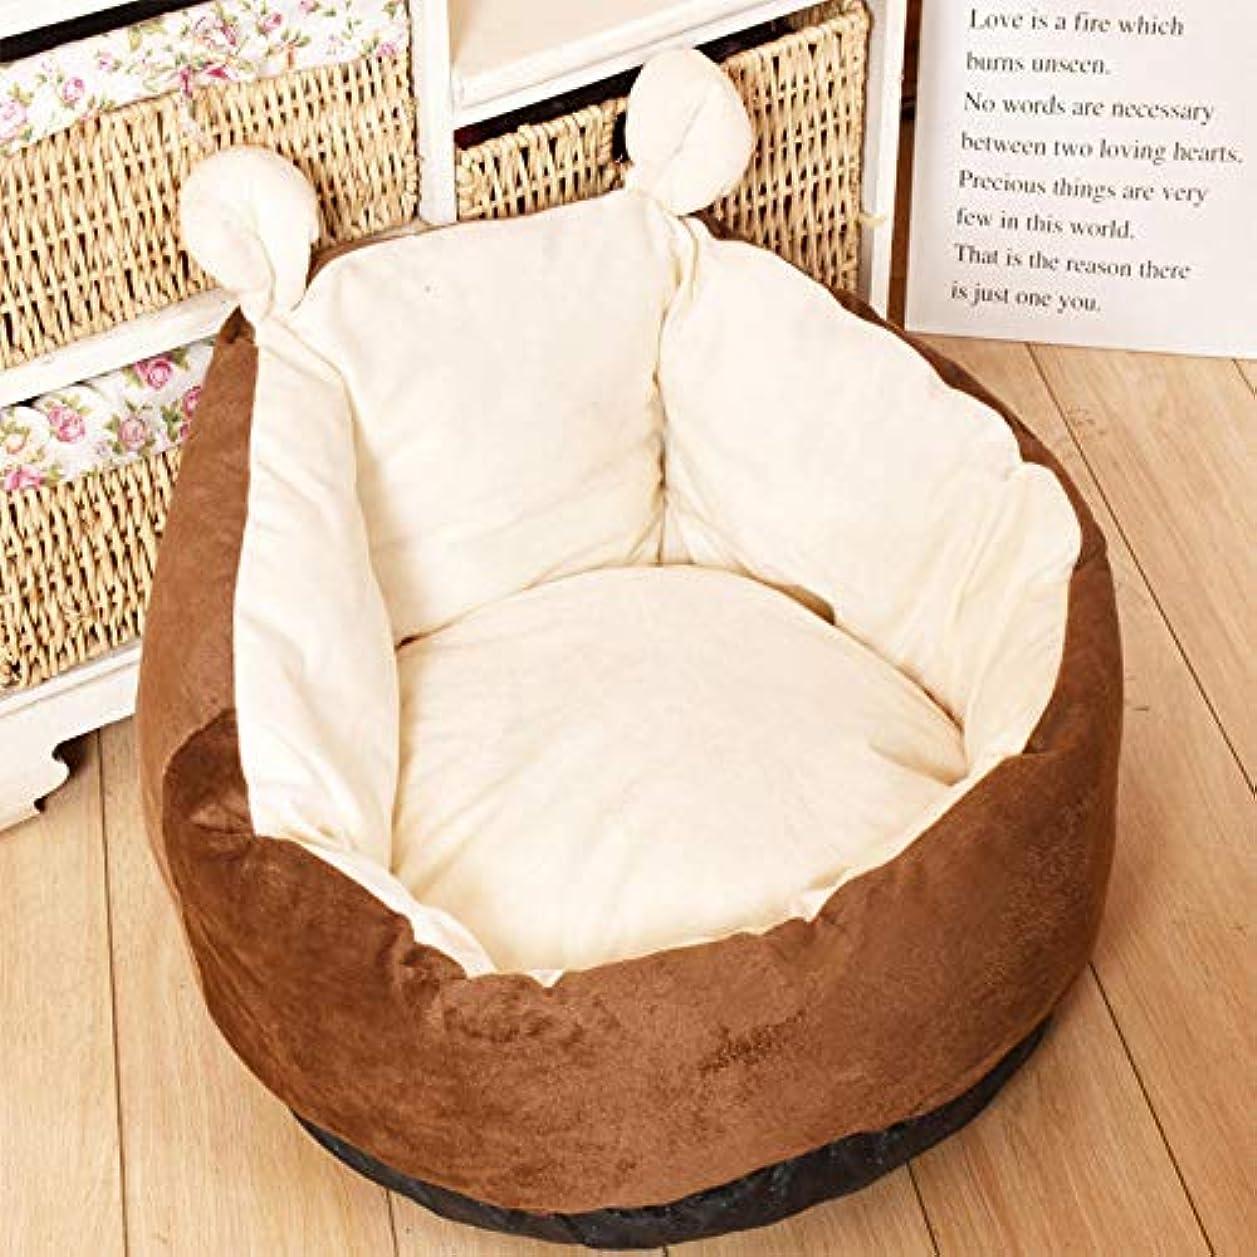 構築するではごきげんようシンポジウムペットハウス 猫の家 快適な猫ソファ猫のくず巣取り外し可能なペットベッドマット犬小屋犬小屋かわいい深い眠っているペットクッションブラウンL 60X53X30Cm